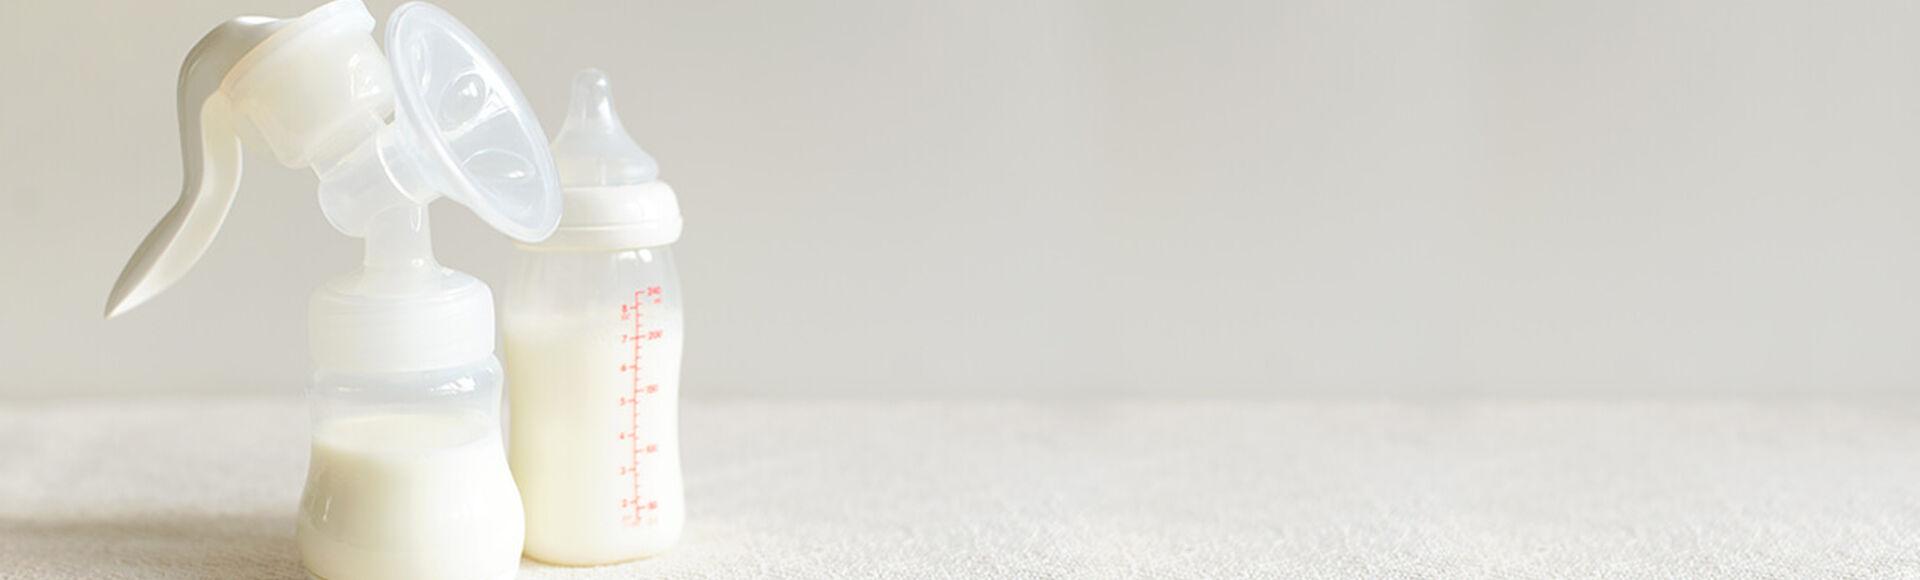 Extraer tu leche será más sencillo con estos consejos  | Más Abrazos by Huggies